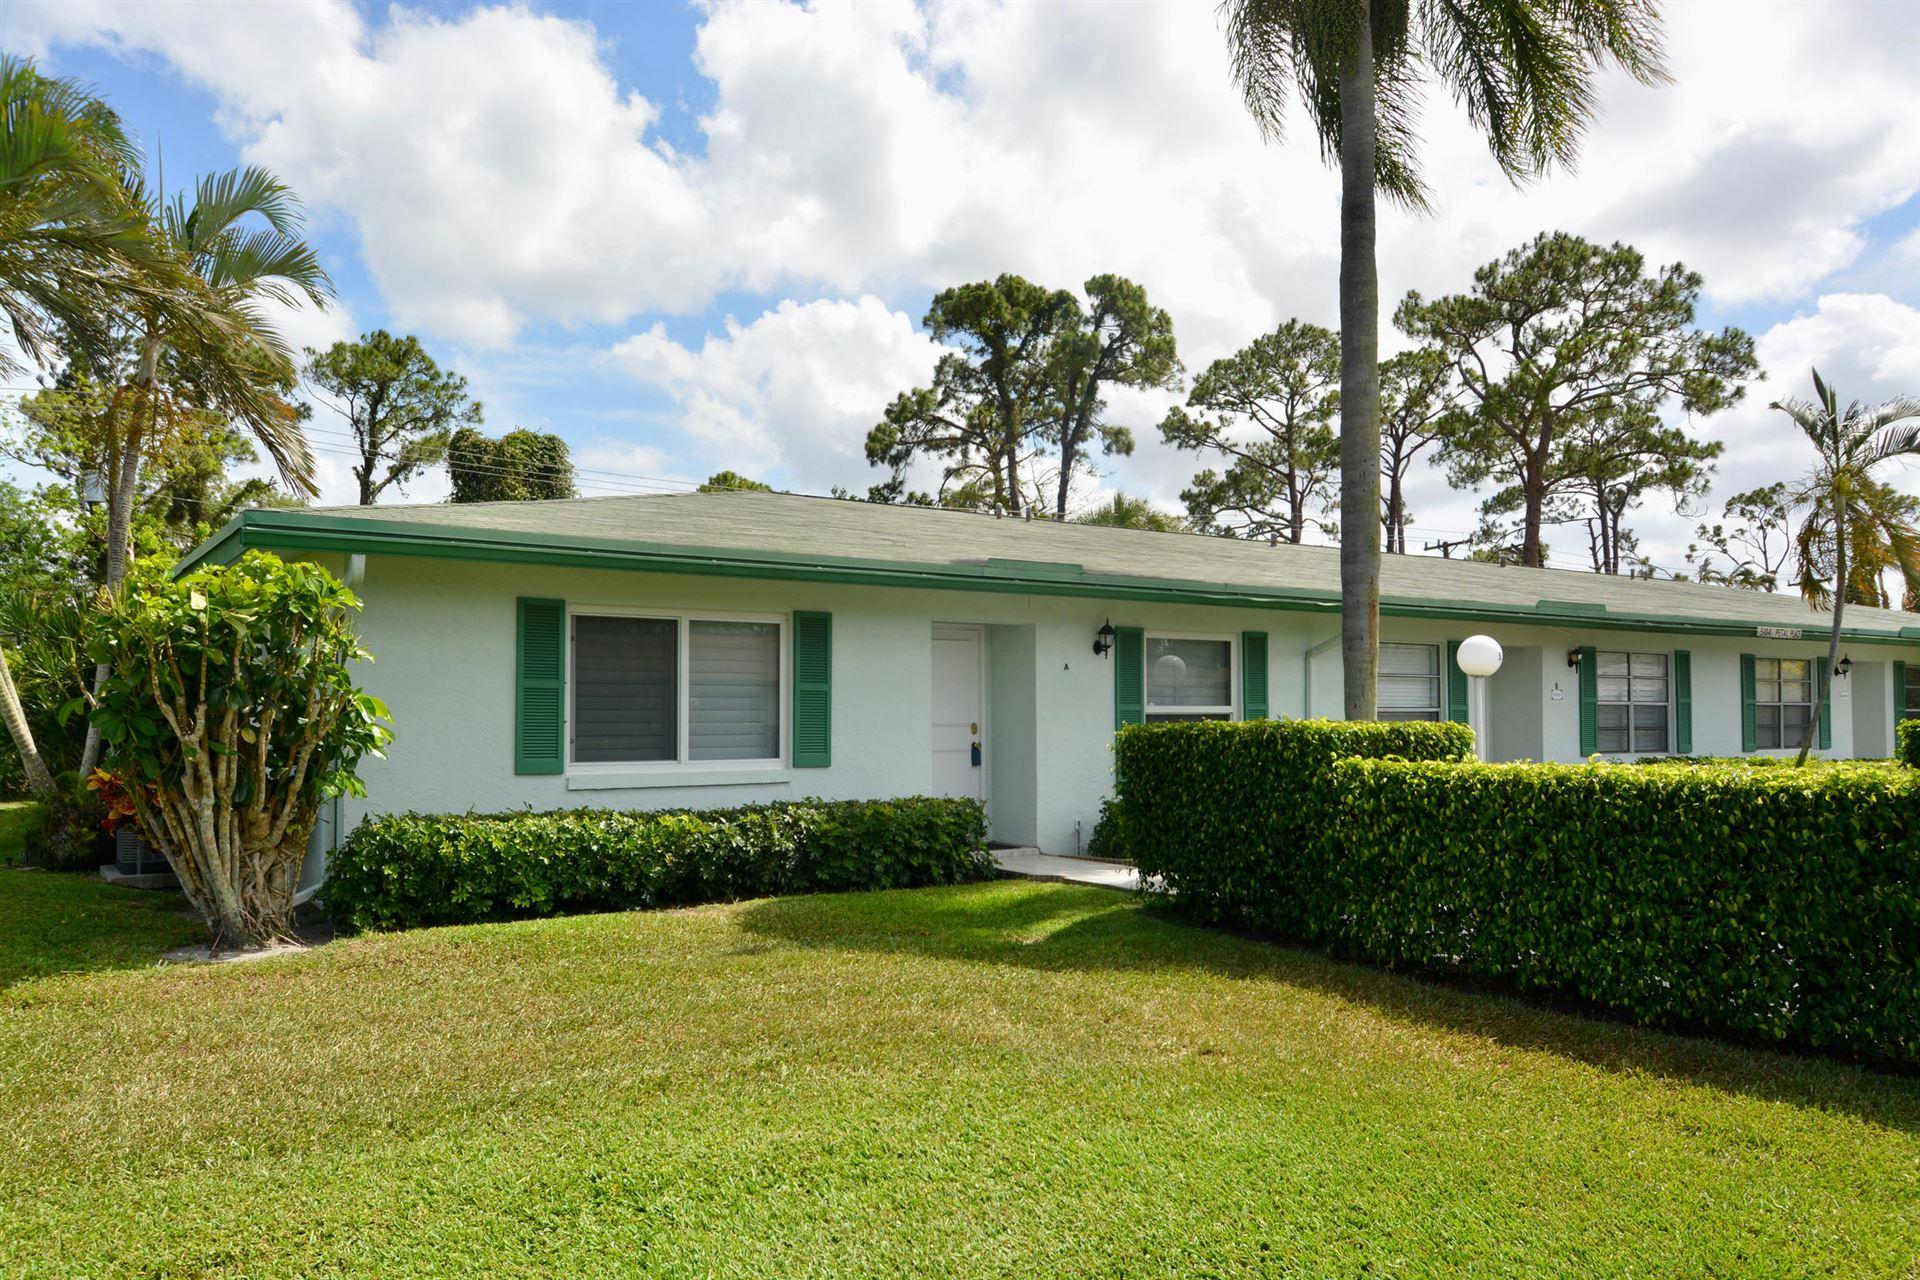 5104 Petal Place #A, Delray Beach, FL 33484 - MLS#: RX-10719546